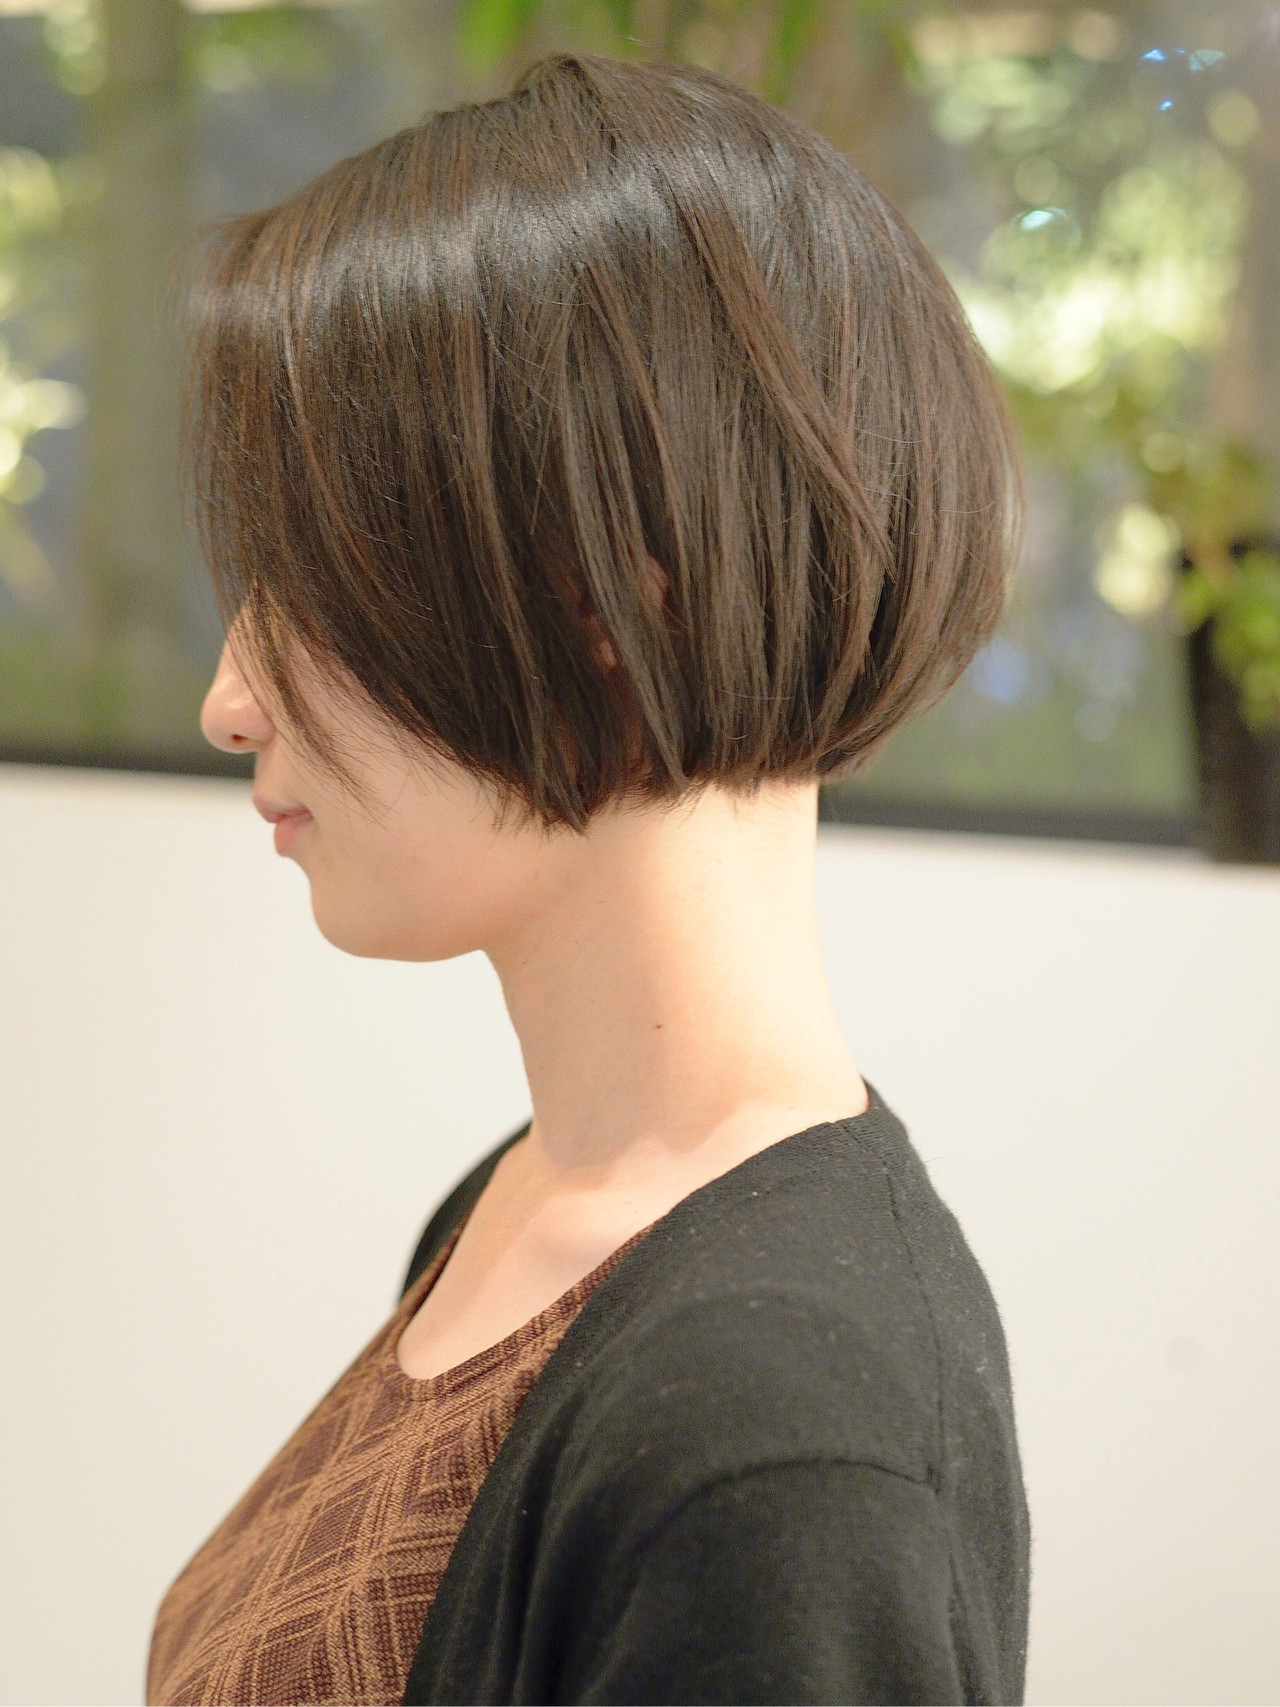 ショートボブ ナチュラル ミニボブ 切りっぱなしボブ ヘアスタイルや髪型の写真・画像 | 郡司 泰之 / ROJITHA 原宿 / ROJITHA